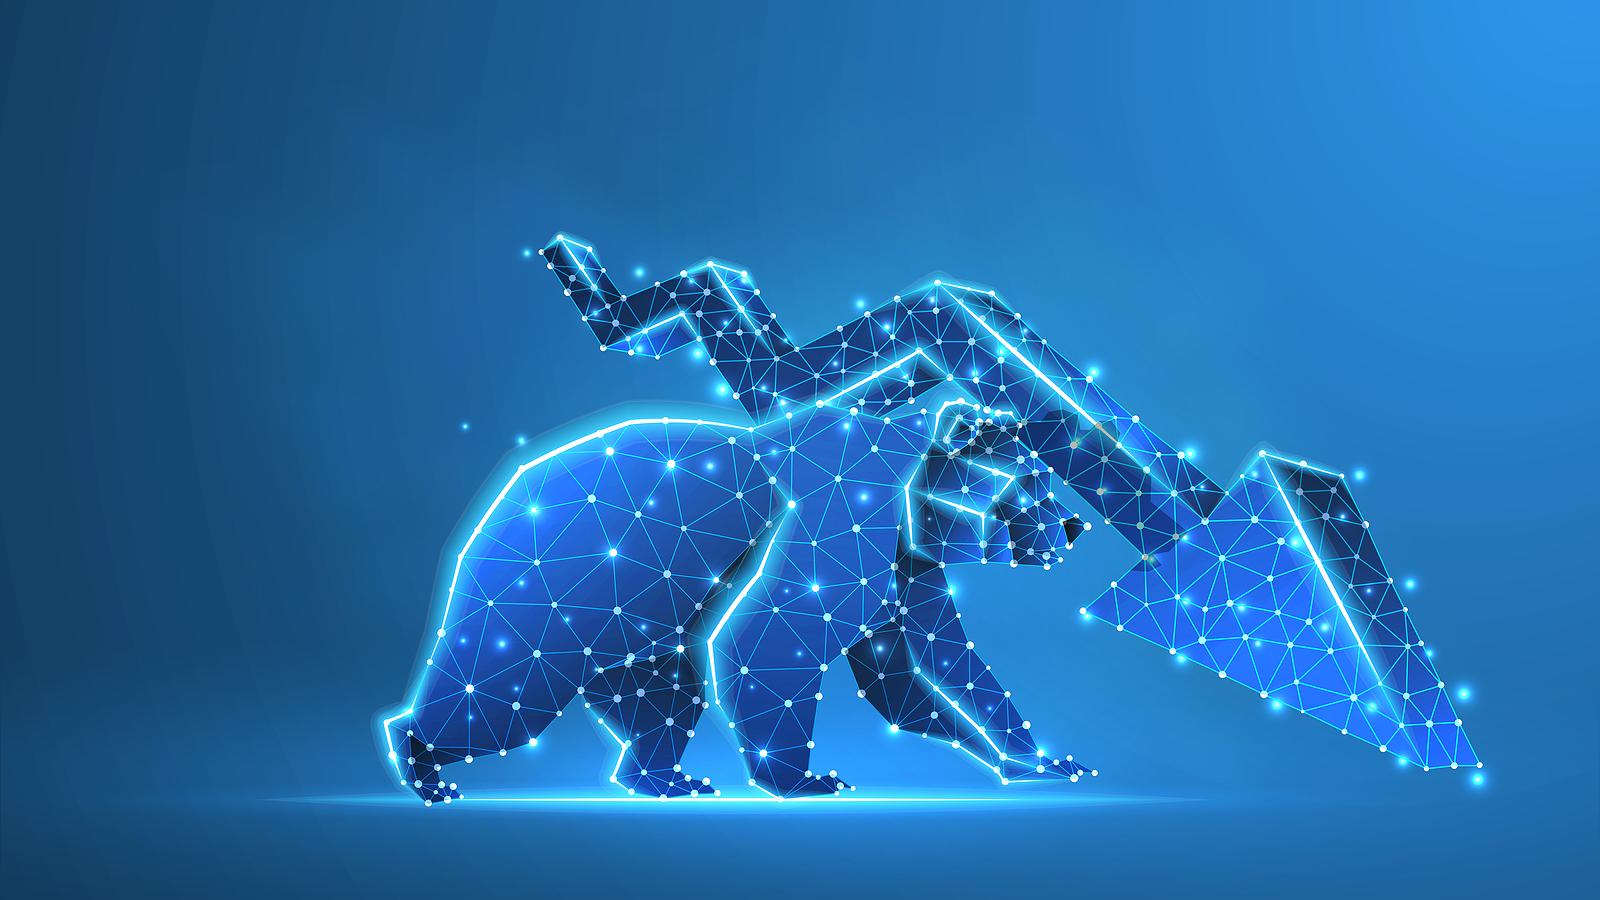 Bearish constellation stock market